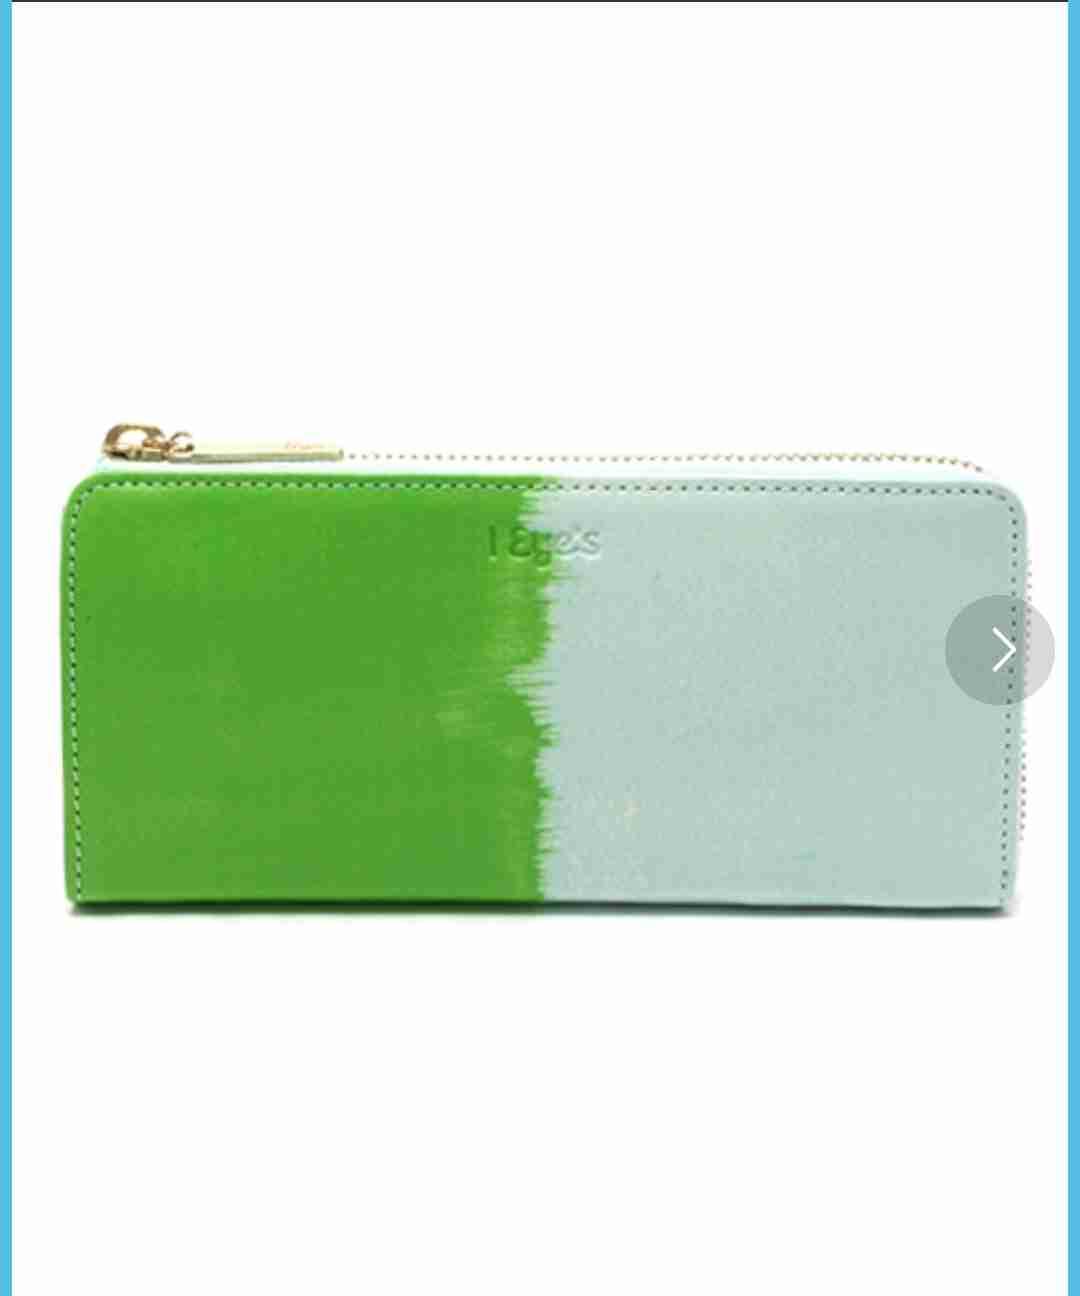 30代オススメの財布